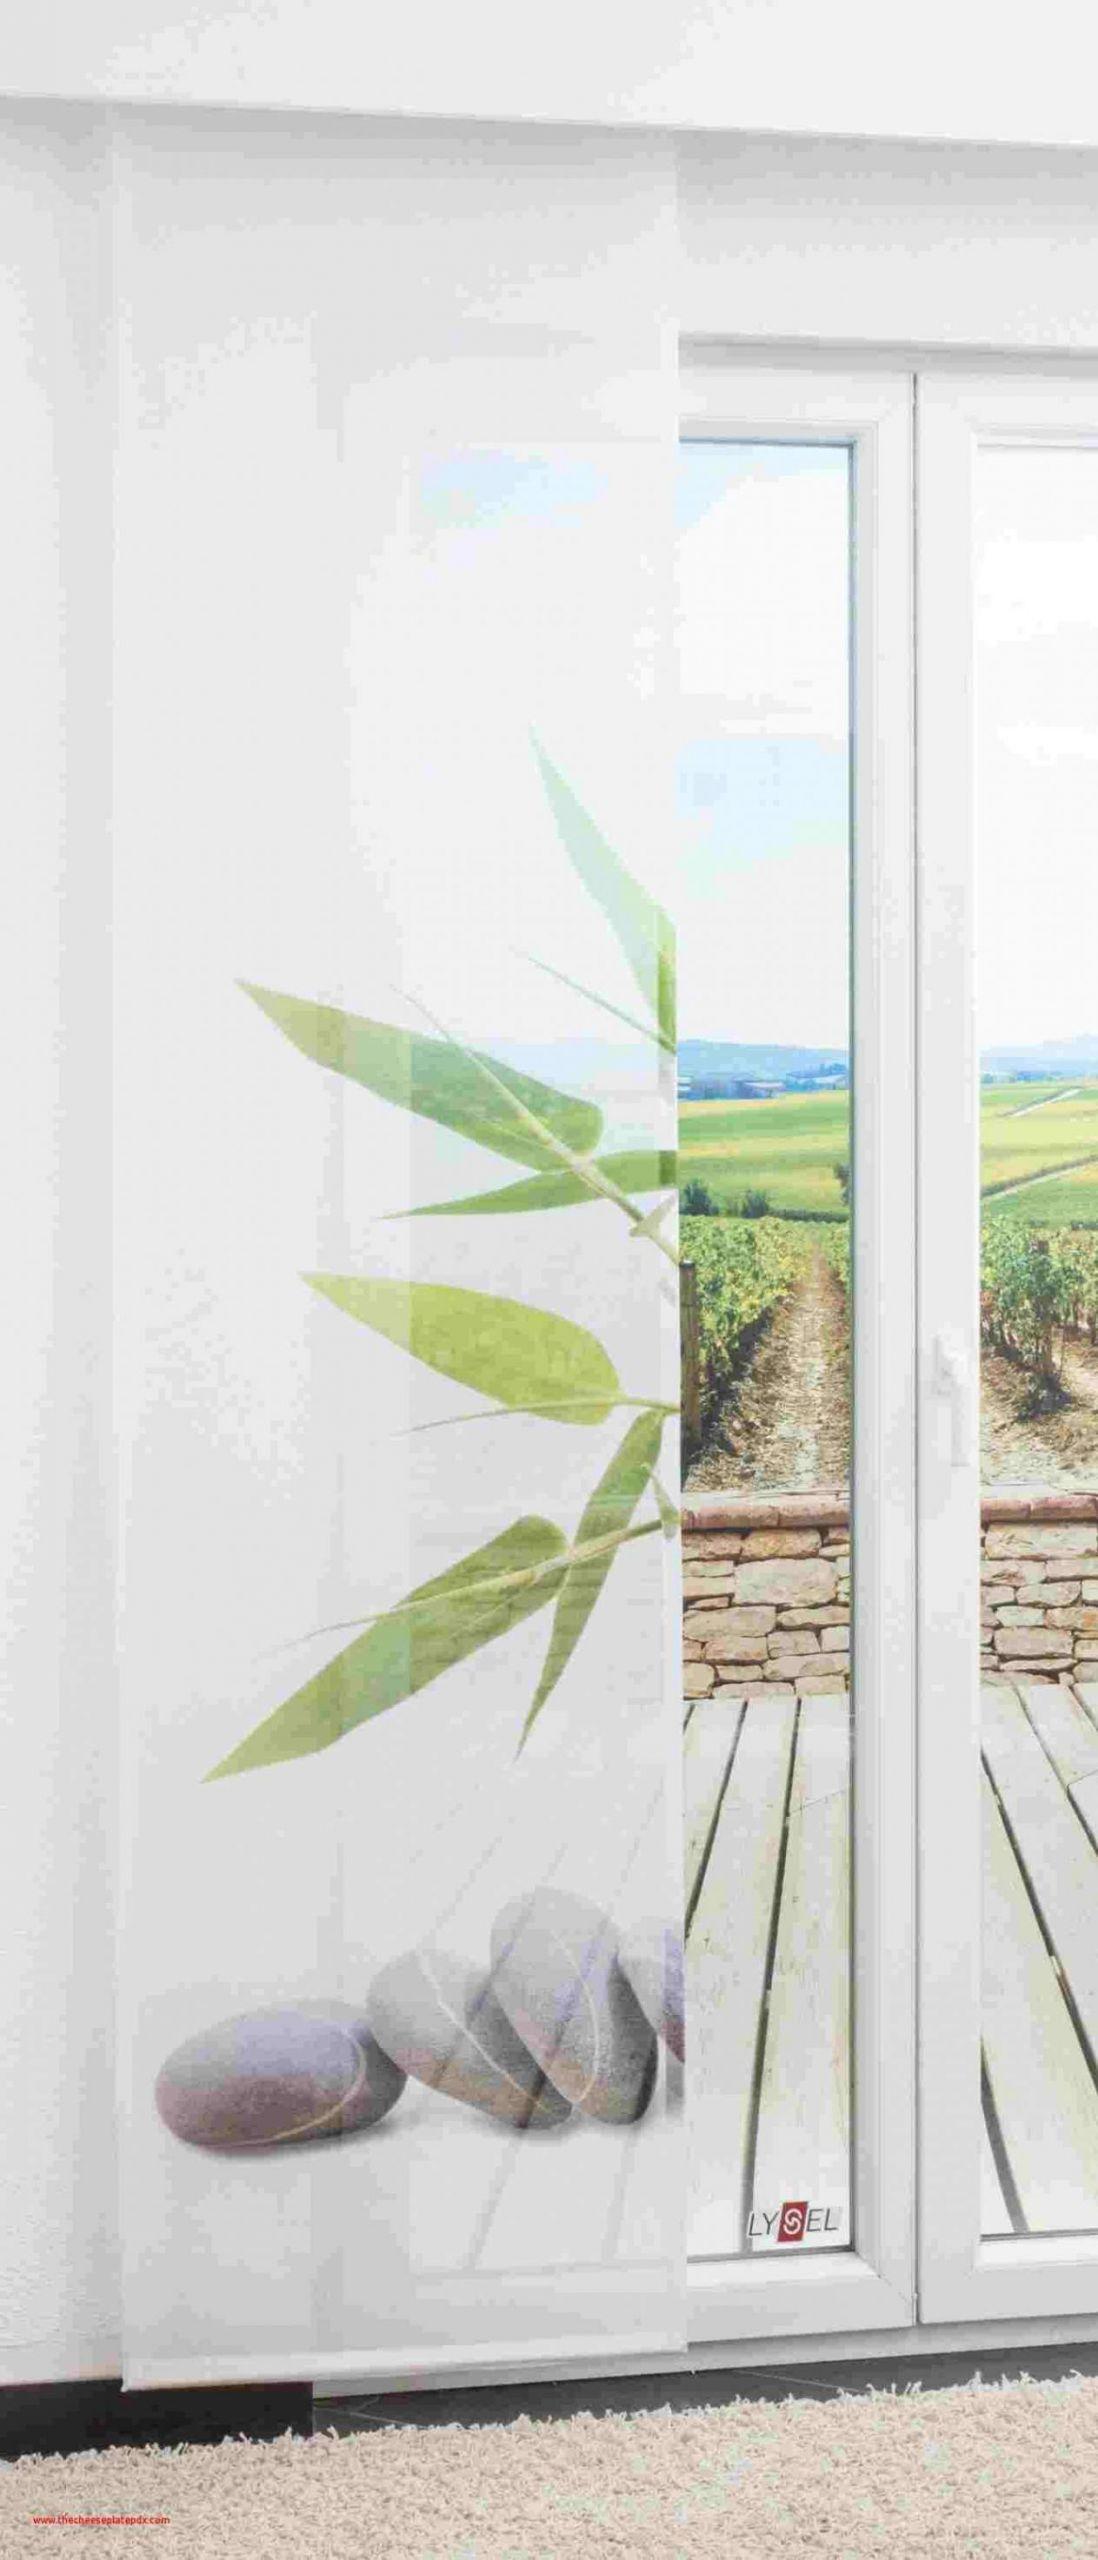 33 neu sichtschutz immergrun galerie sichtschutz fur badfenster sichtschutz fur badfenster